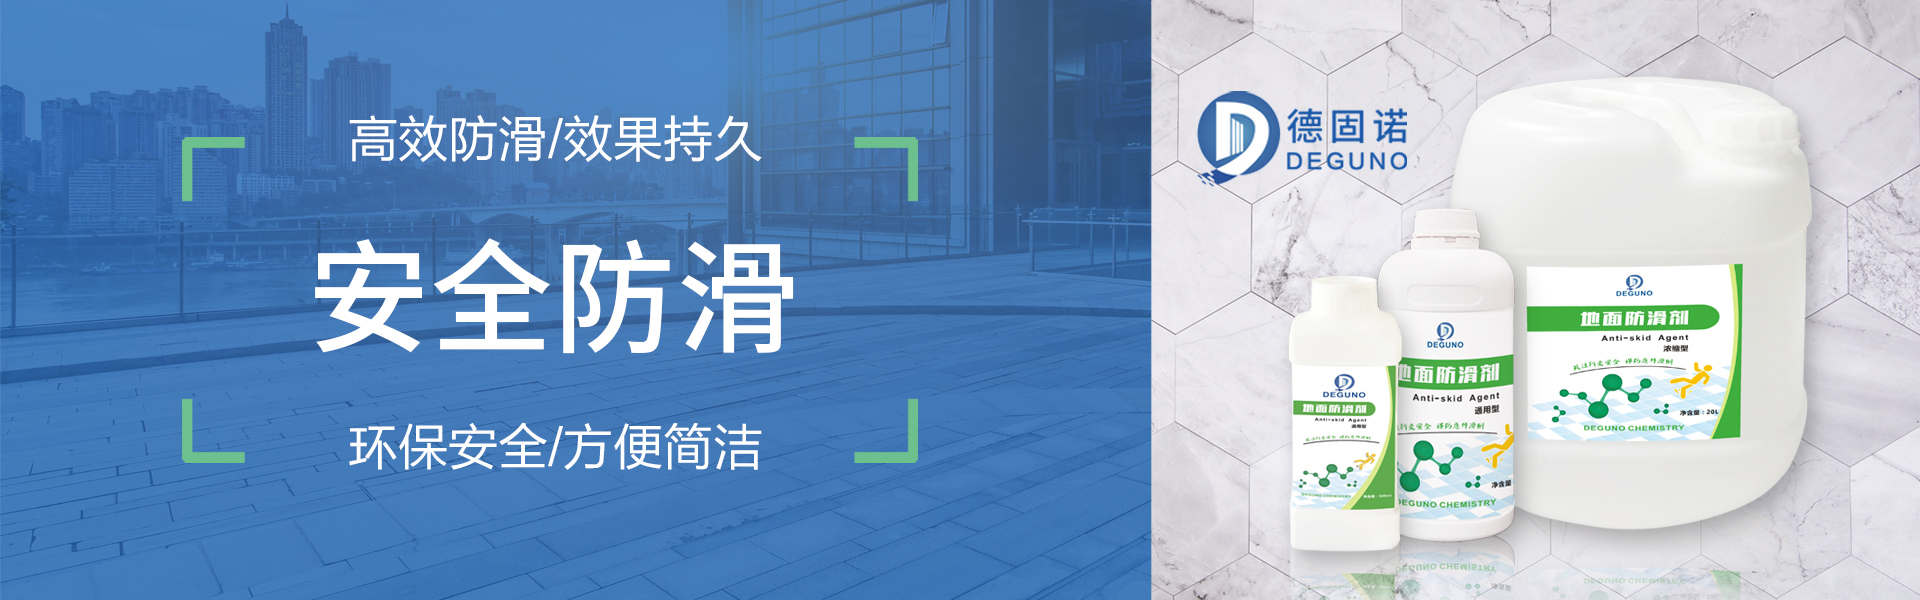 瓷砖防滑液|地面防滑剂|地面防滑处理|地砖防滑